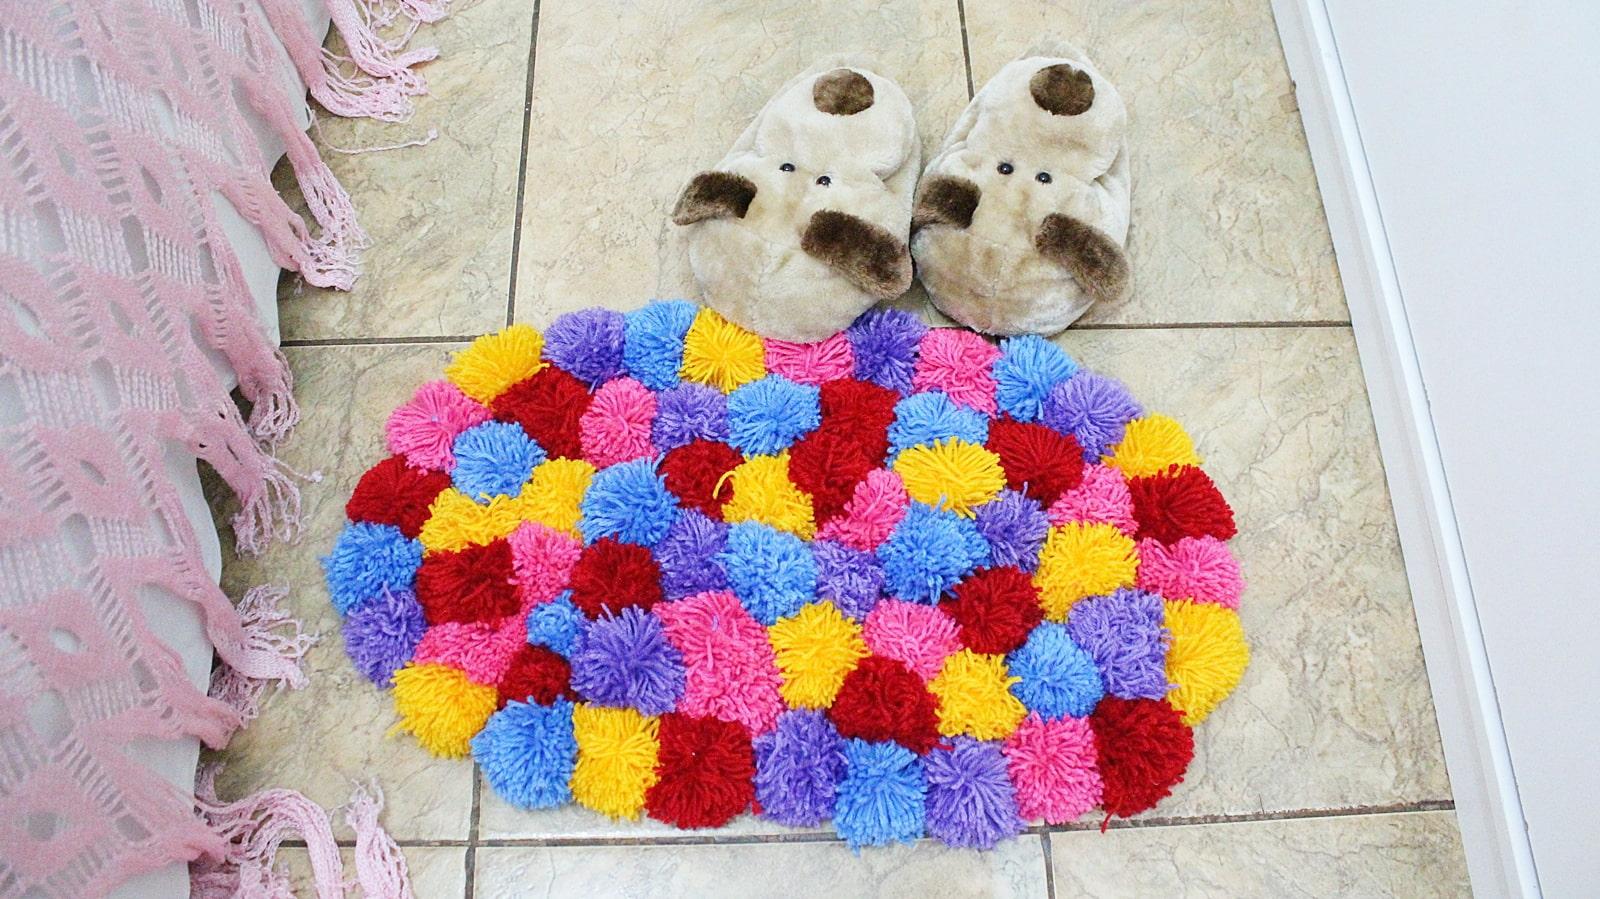 Ковер из помпонов своими руками: мастер класс, как сделать ковры из помпонов пошагово, фото